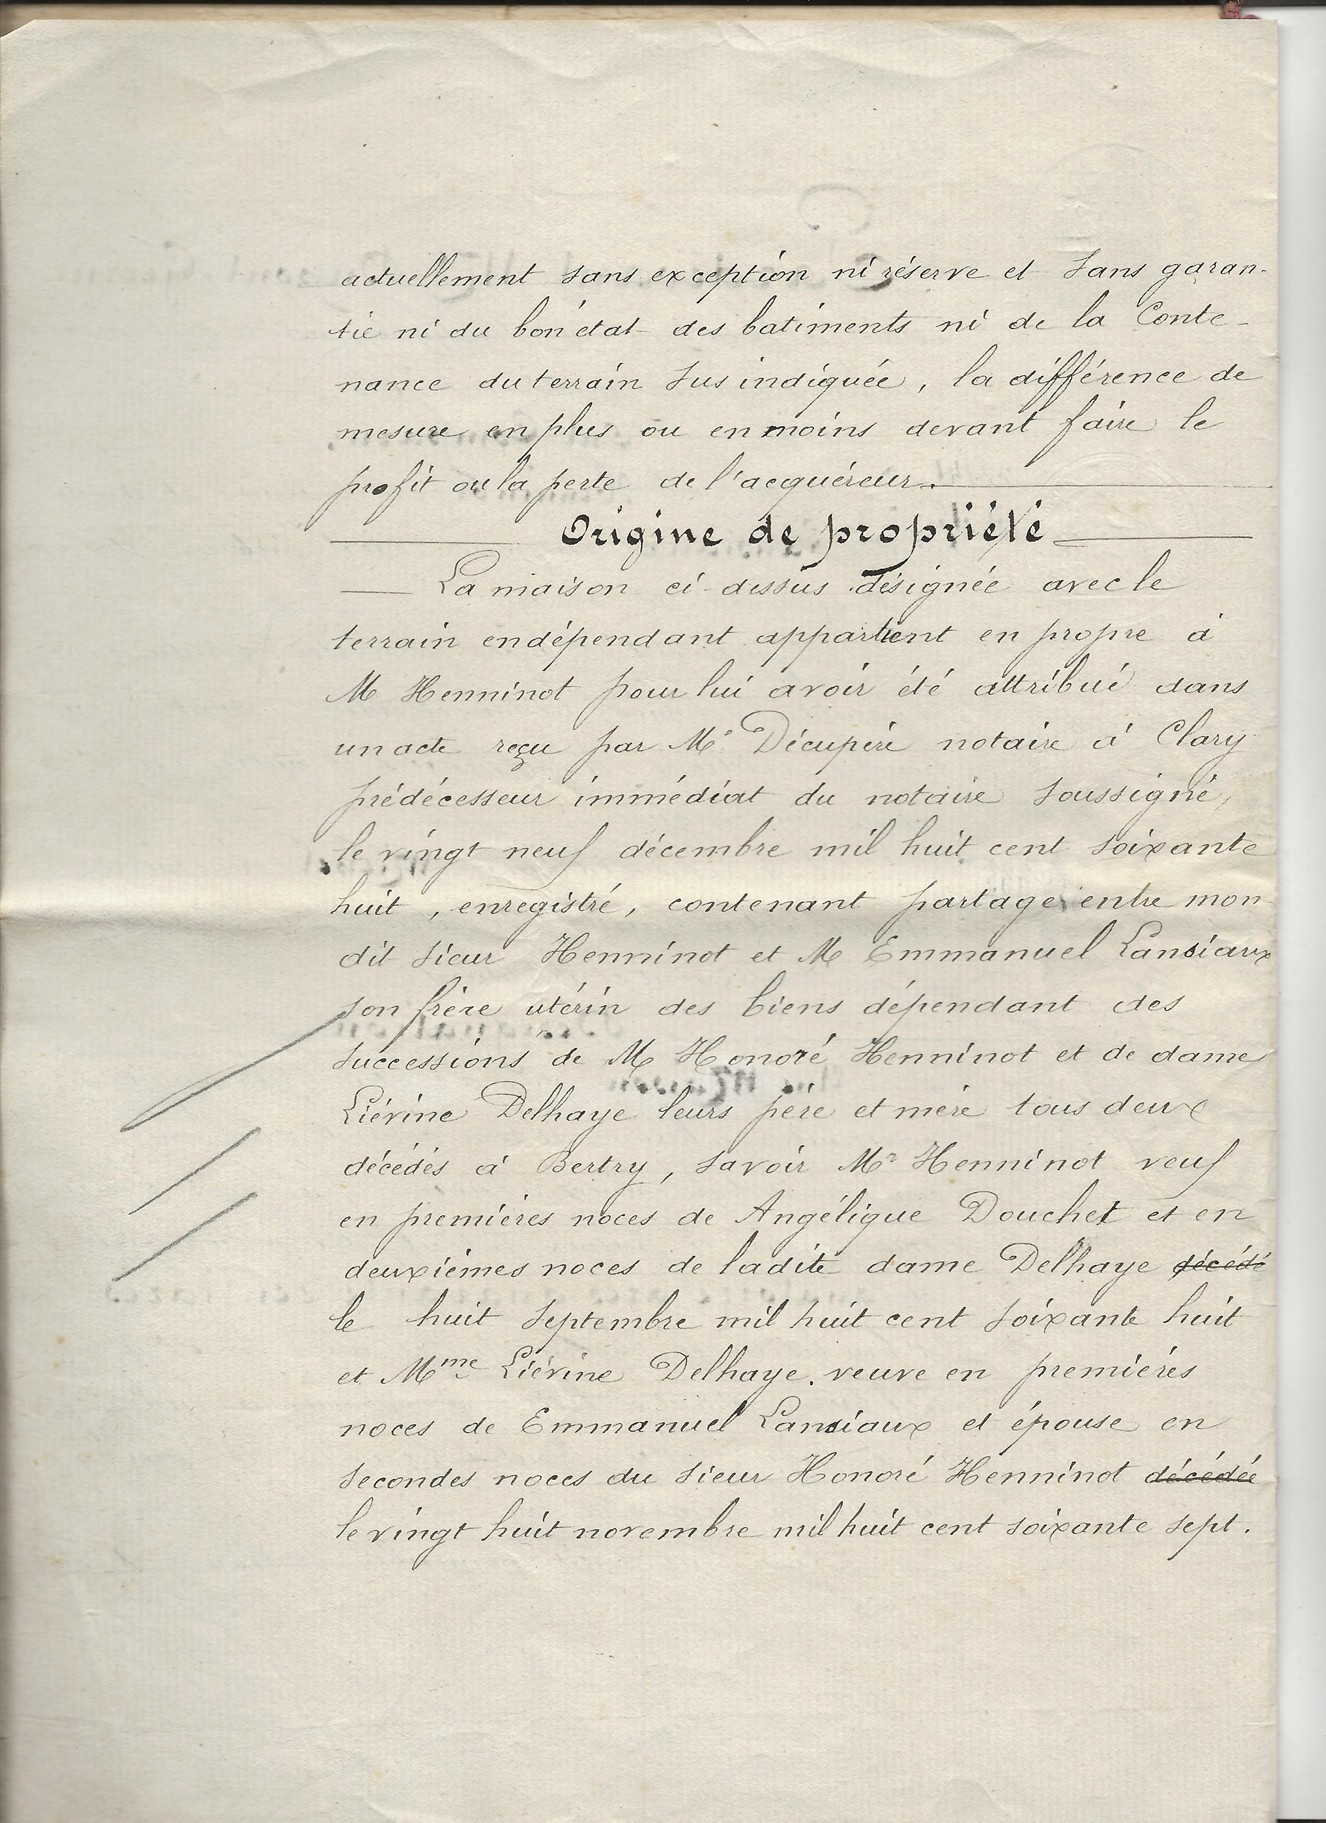 1886 vente maison lanciaux a adhemar michel 002